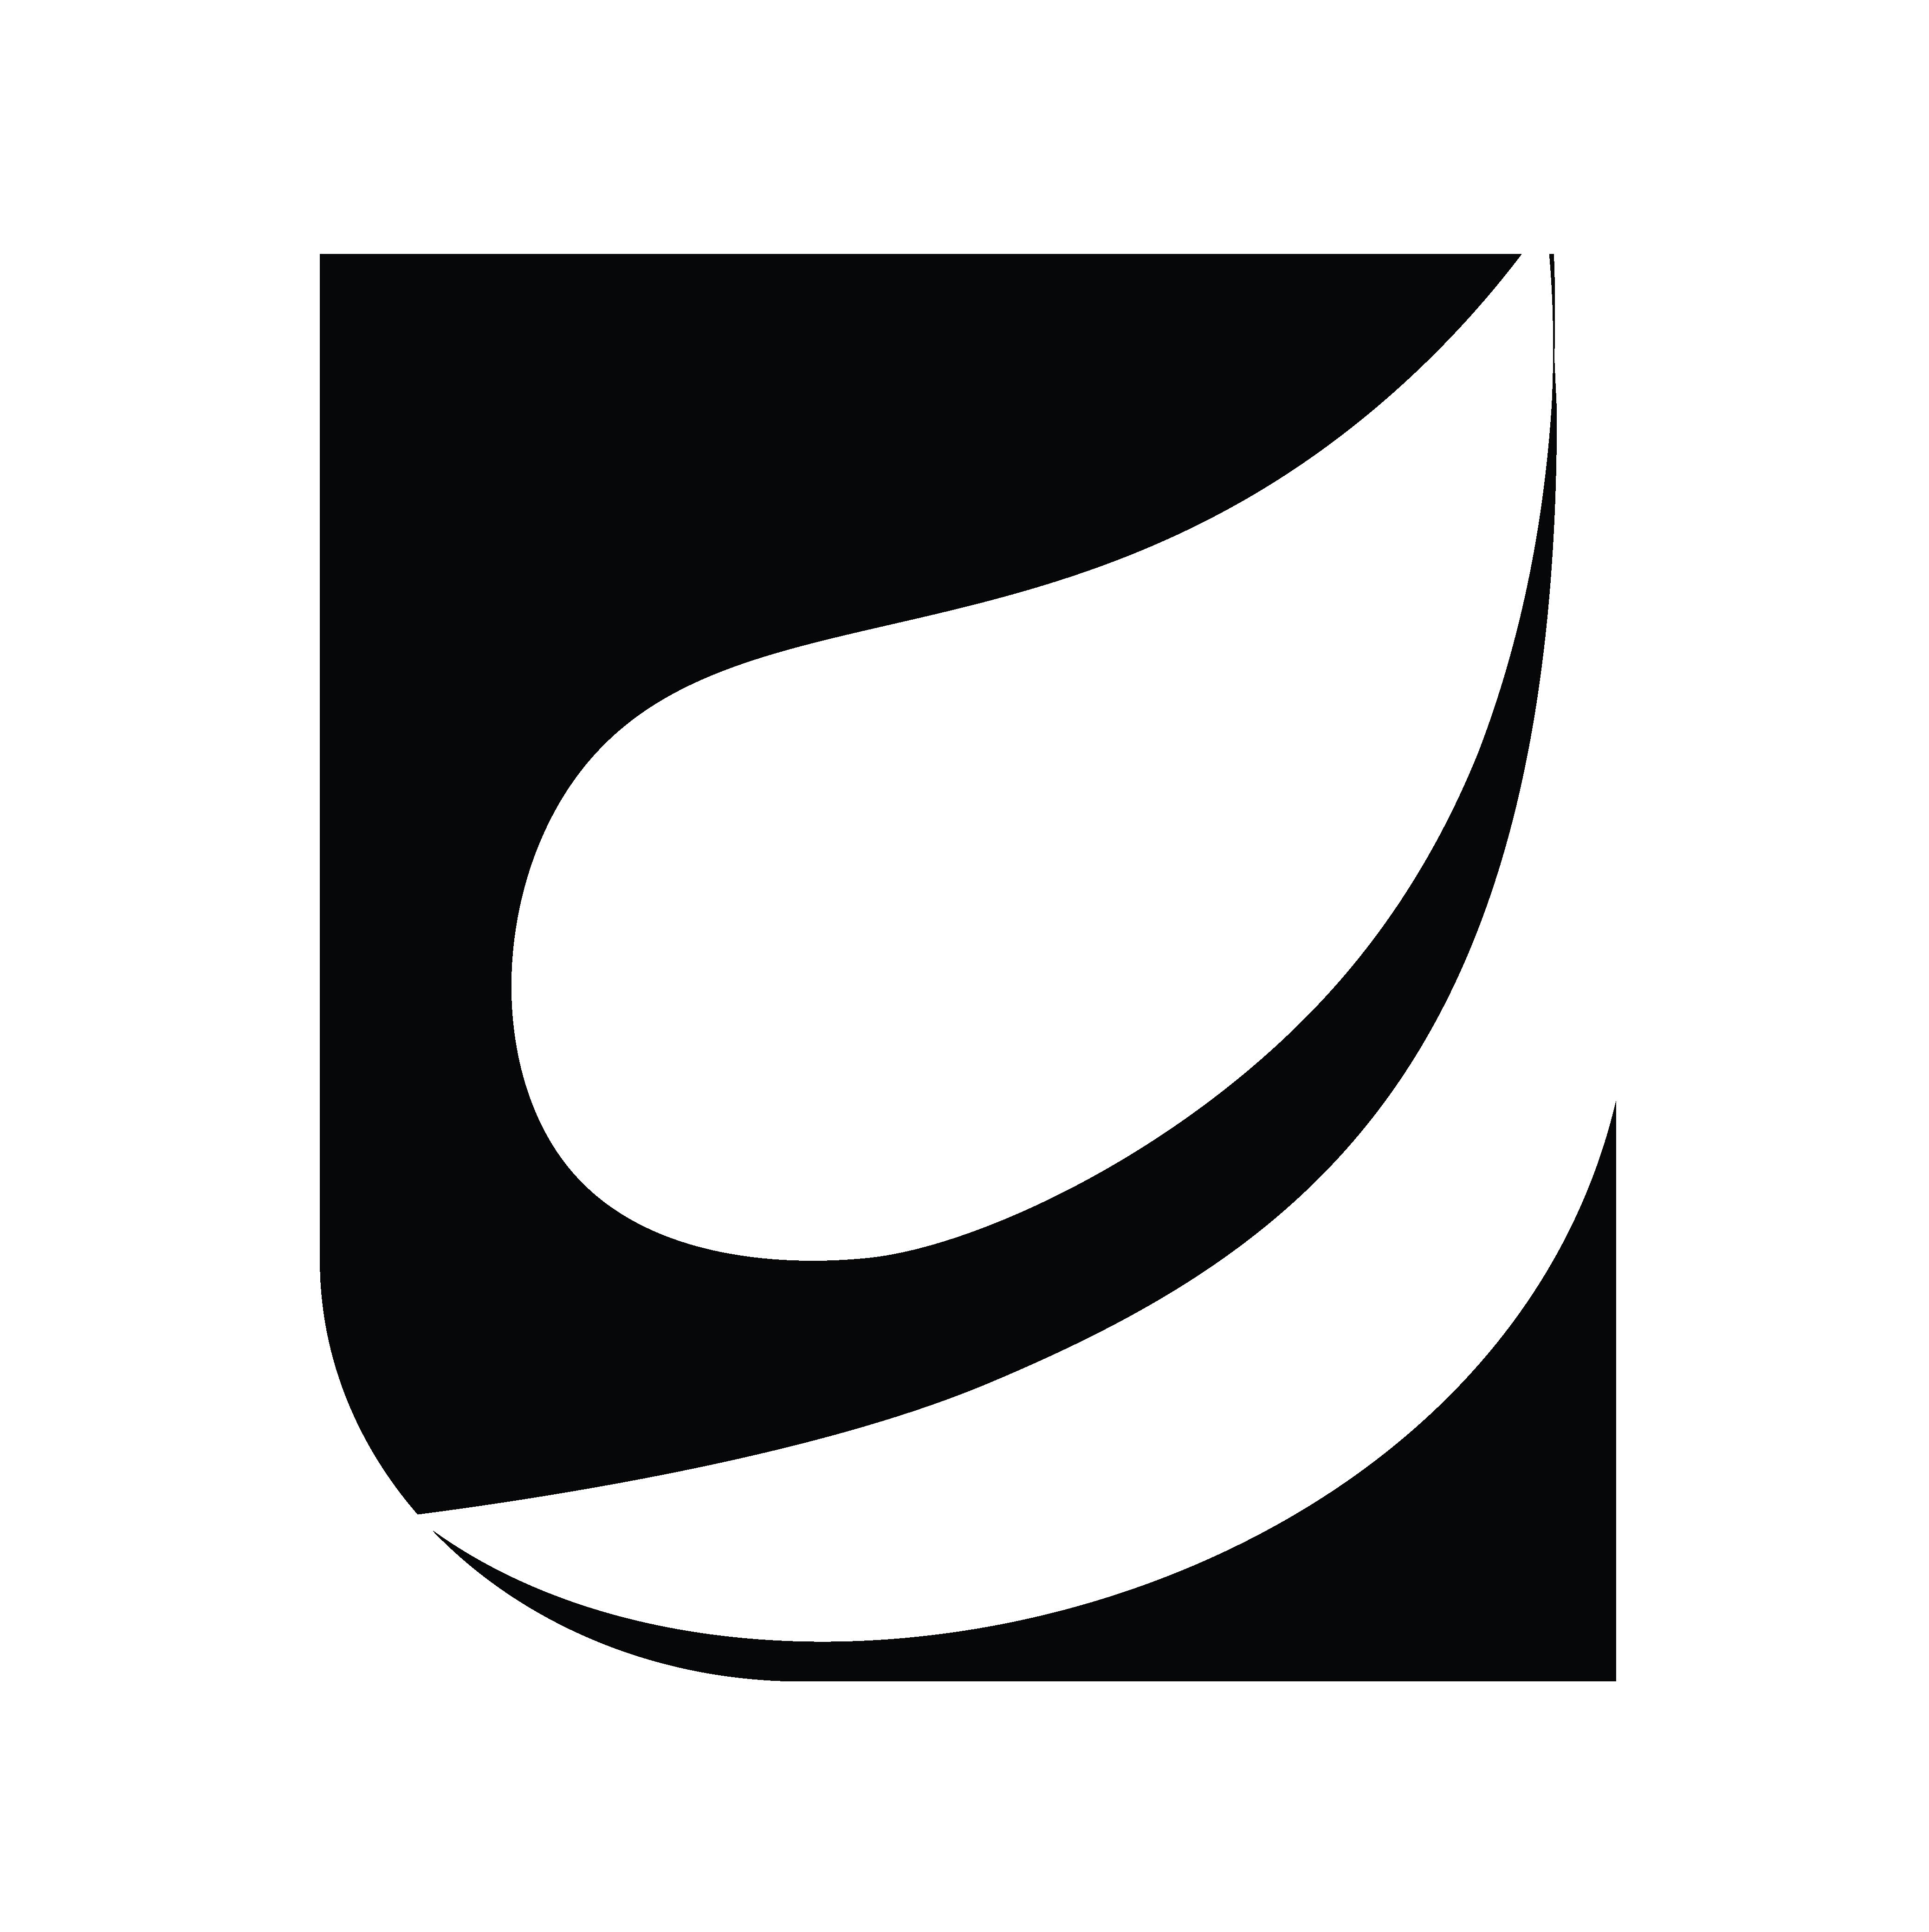 EEprim-01